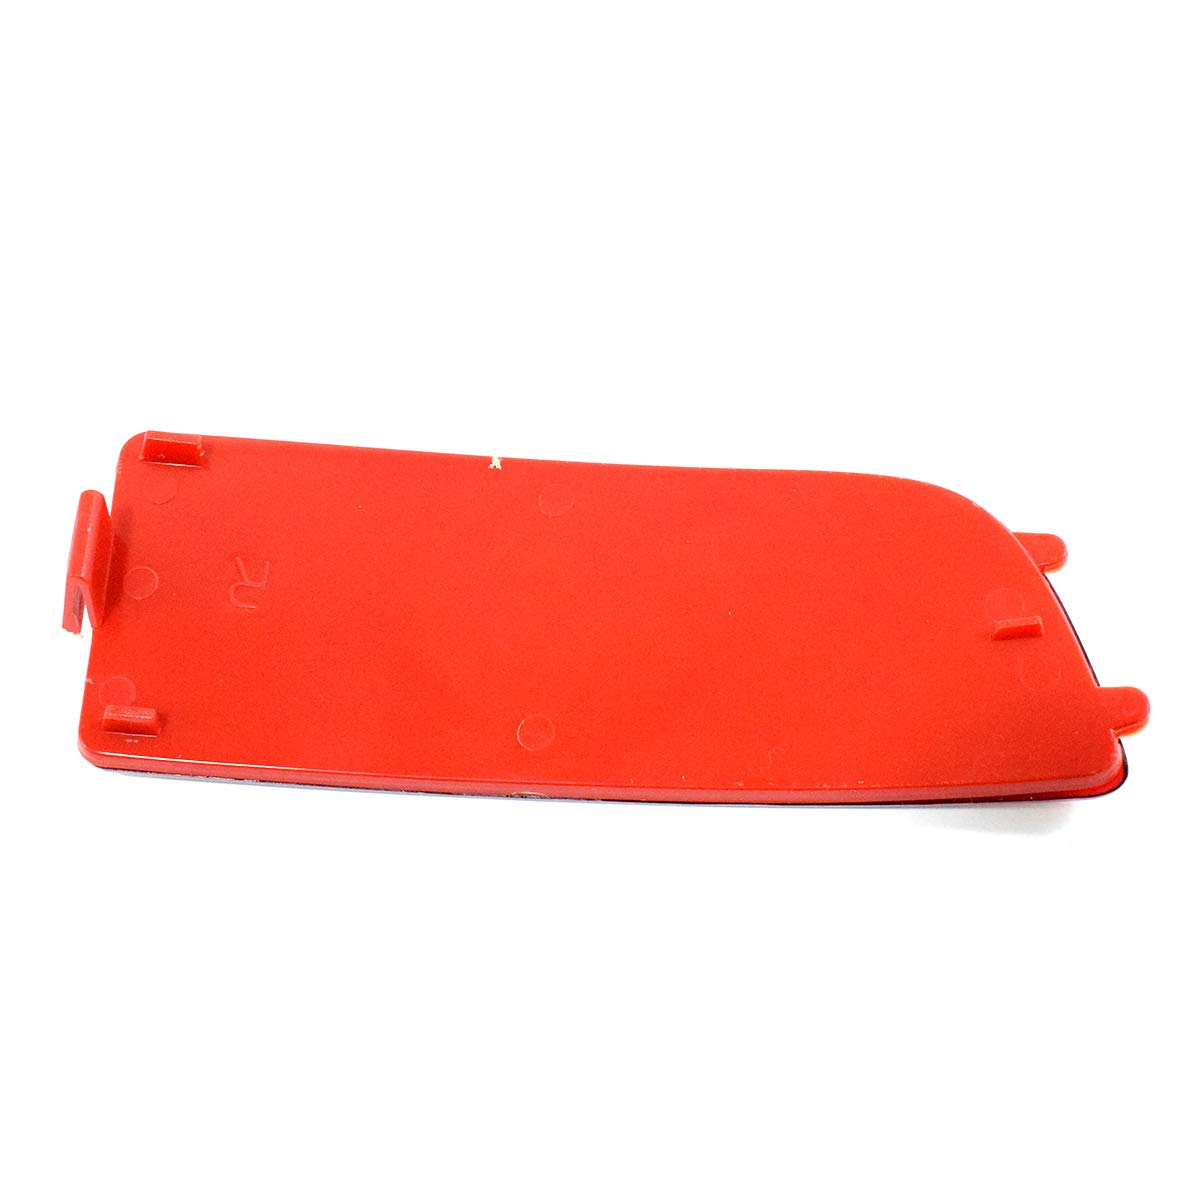 Lot de 2 r/éflecteurs de pare-chocs droit et gauche Rouge